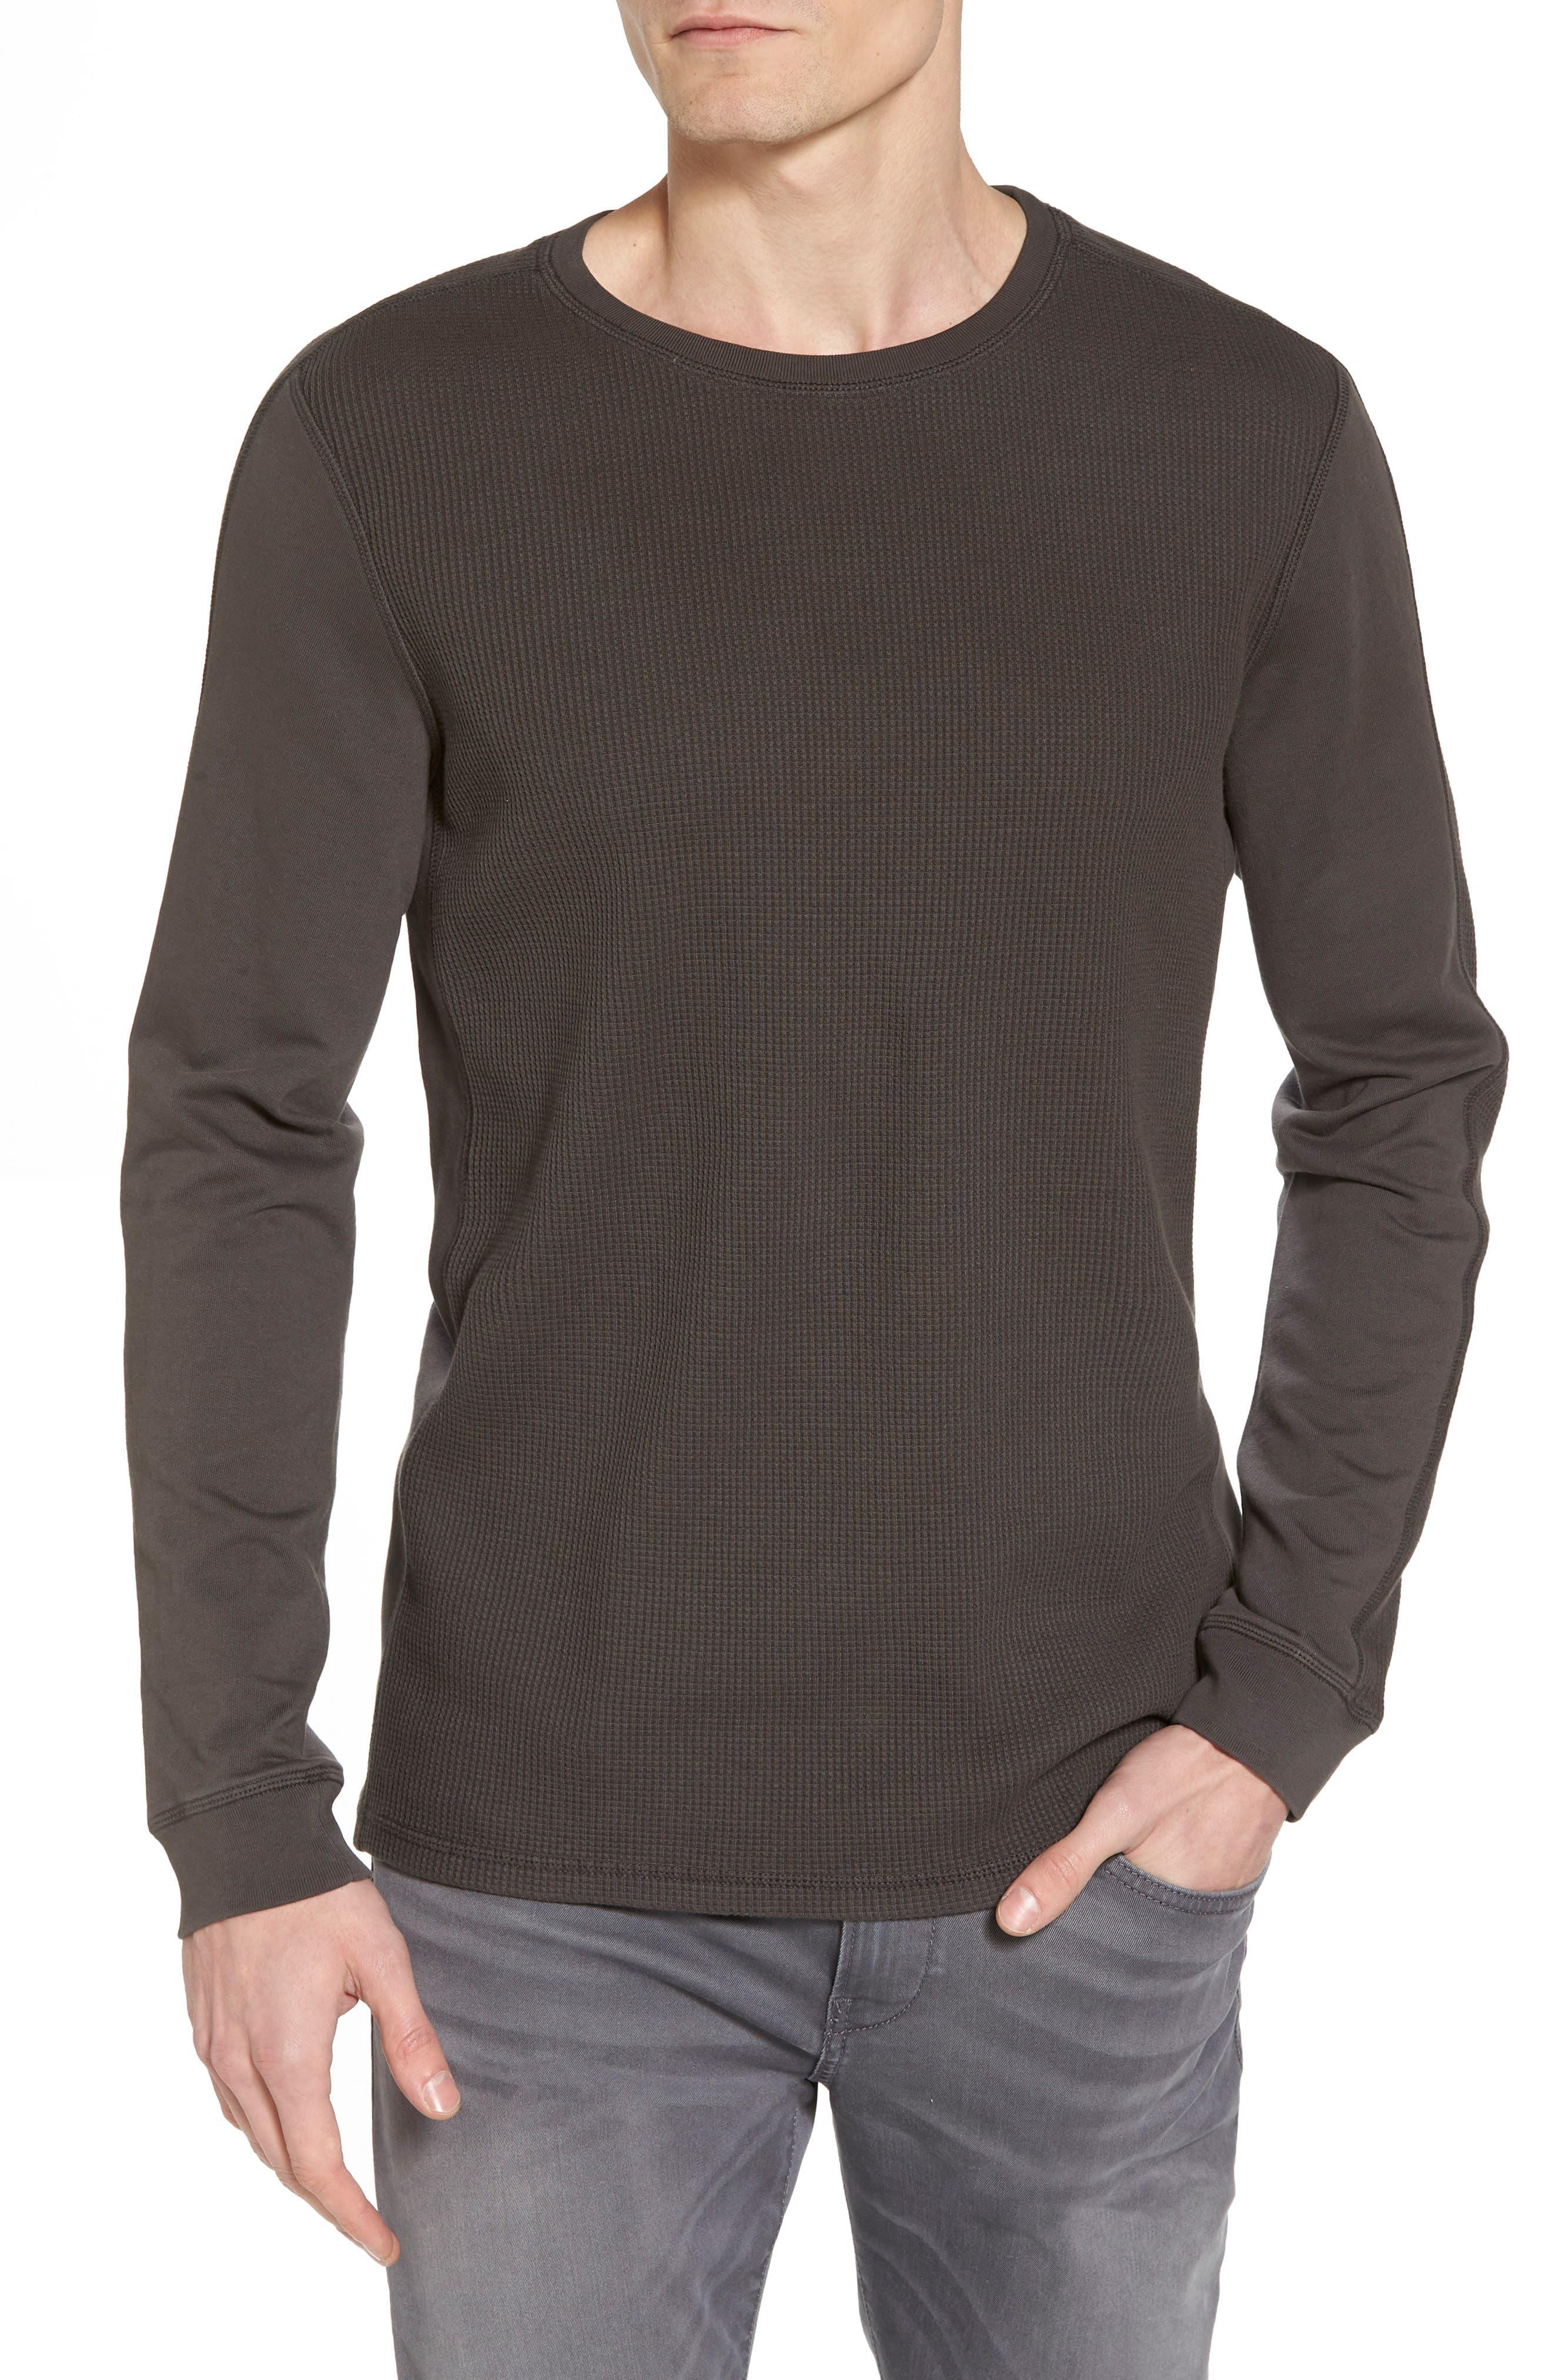 Trevor Slim Fit Crewneck Shirt,                         Main,                         color, Smoke Grey